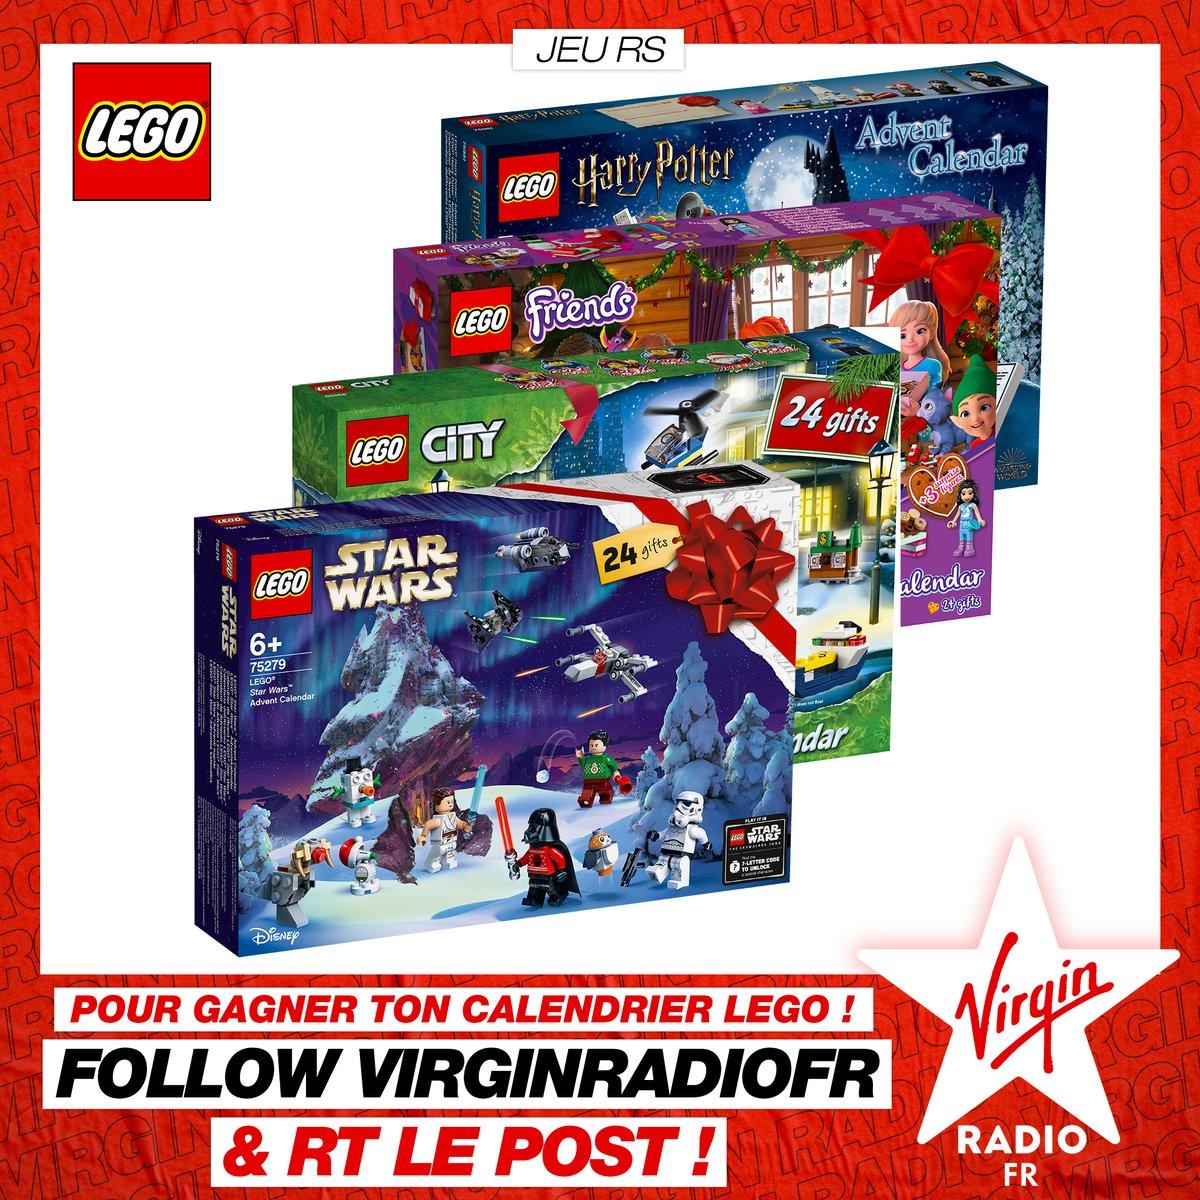 **CONCOURS** J-34 avant Noël 🌲 @VirginRadiofr vous offre votre calendrier de l'Avent LEGO pour les fêtes de fin d'année ✨  Pour PARTICIPER 👉 LIKEZ @VirginRadiofr + partagez ce POST https://t.co/iHY2IwCB6Y